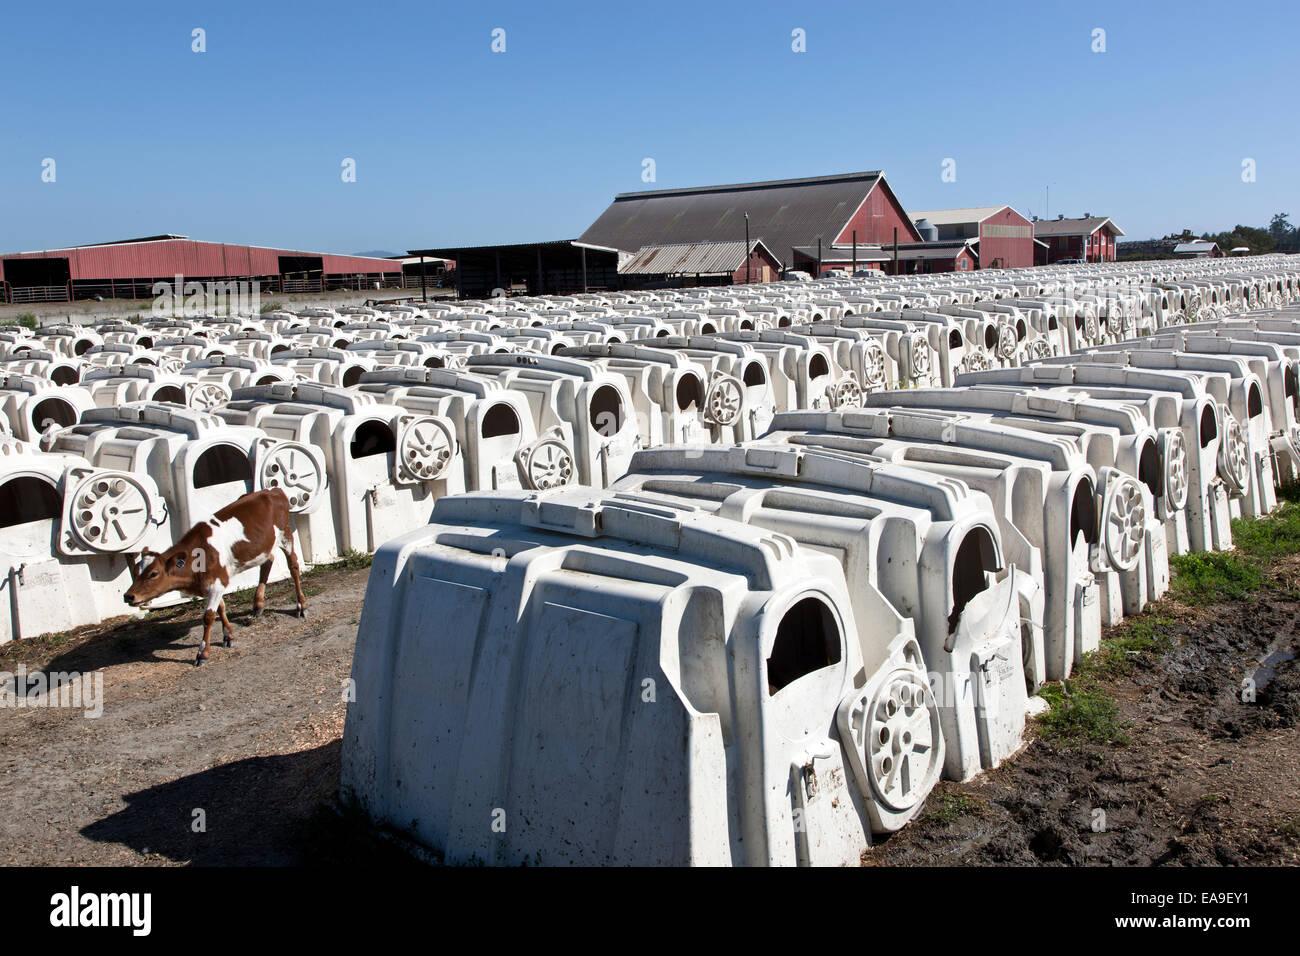 Righe di calf hutches, eco latteria. Immagini Stock